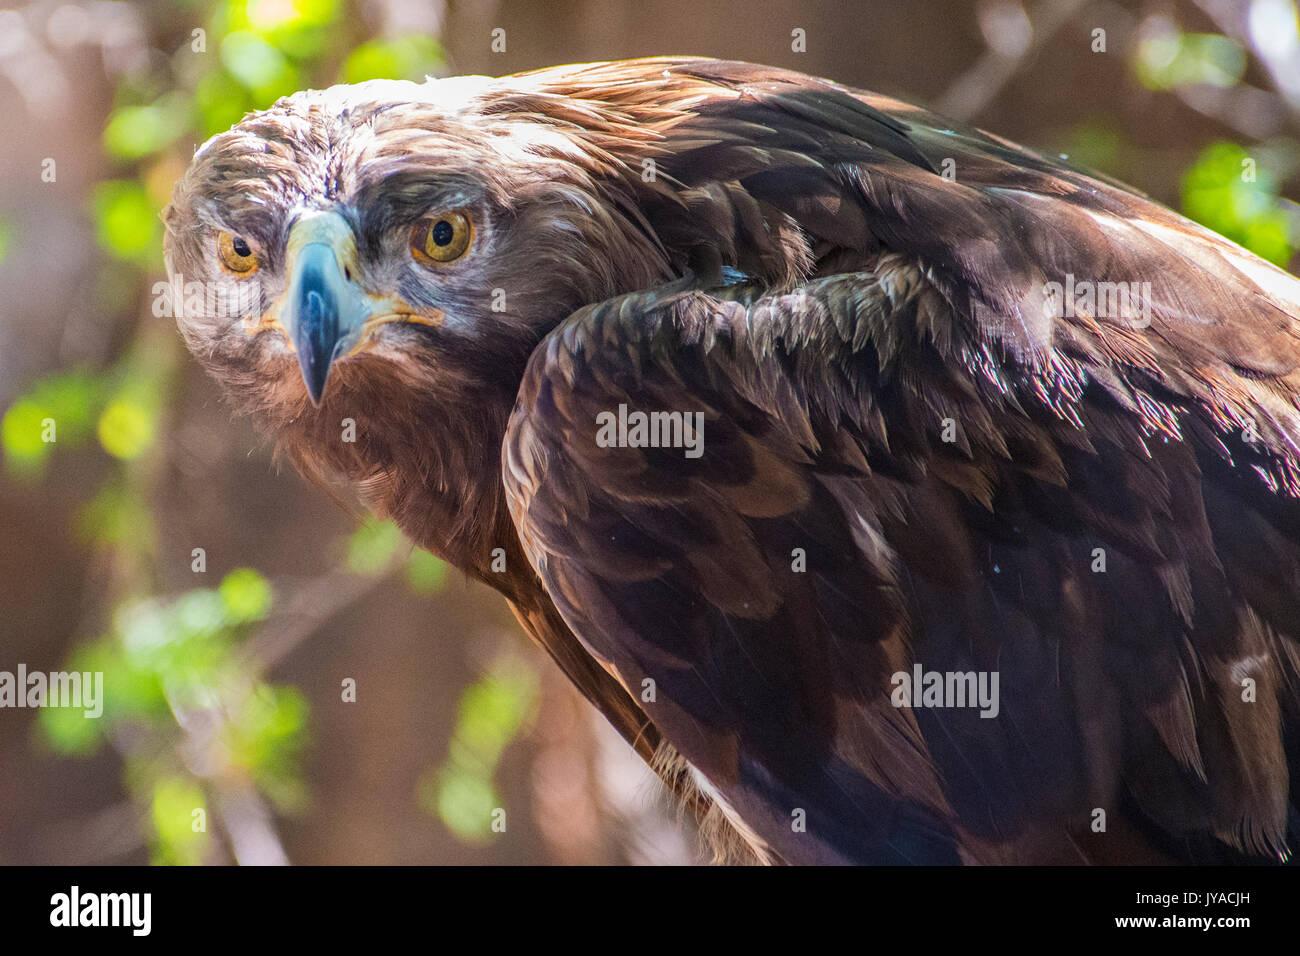 Eagle's Stare - Stock Image